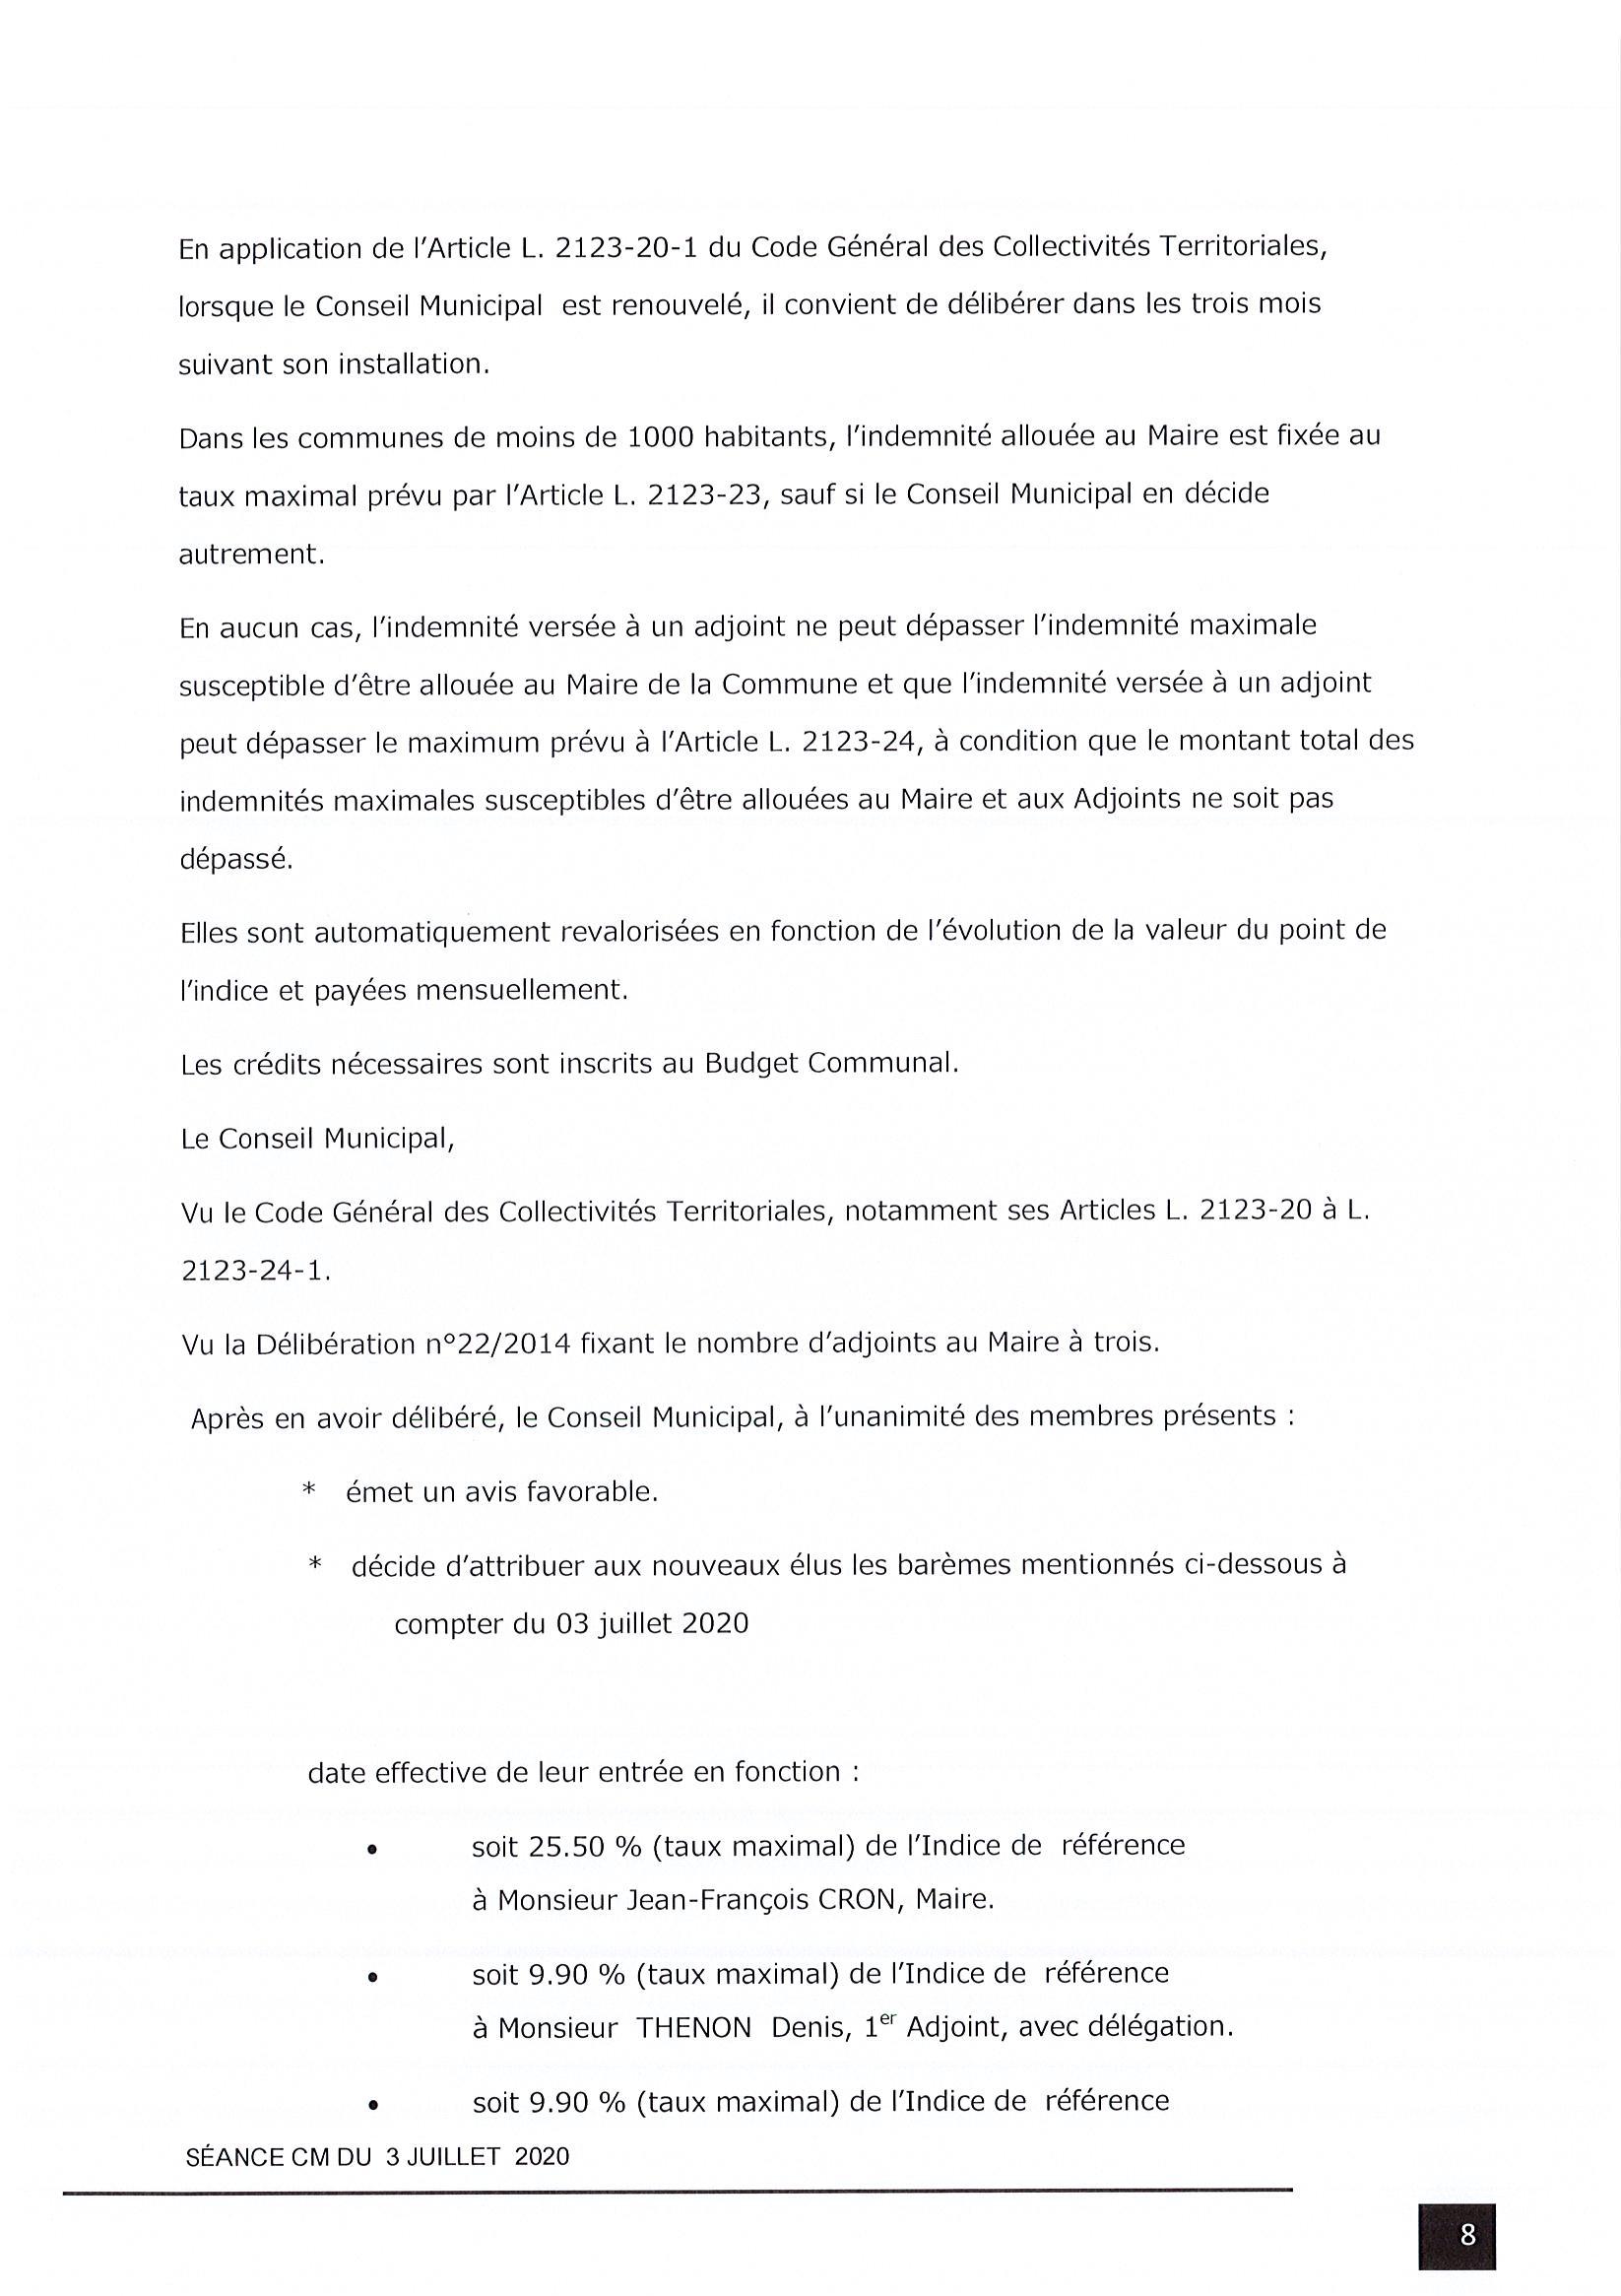 accueil/doc101120-10112020121830-0016.jpg